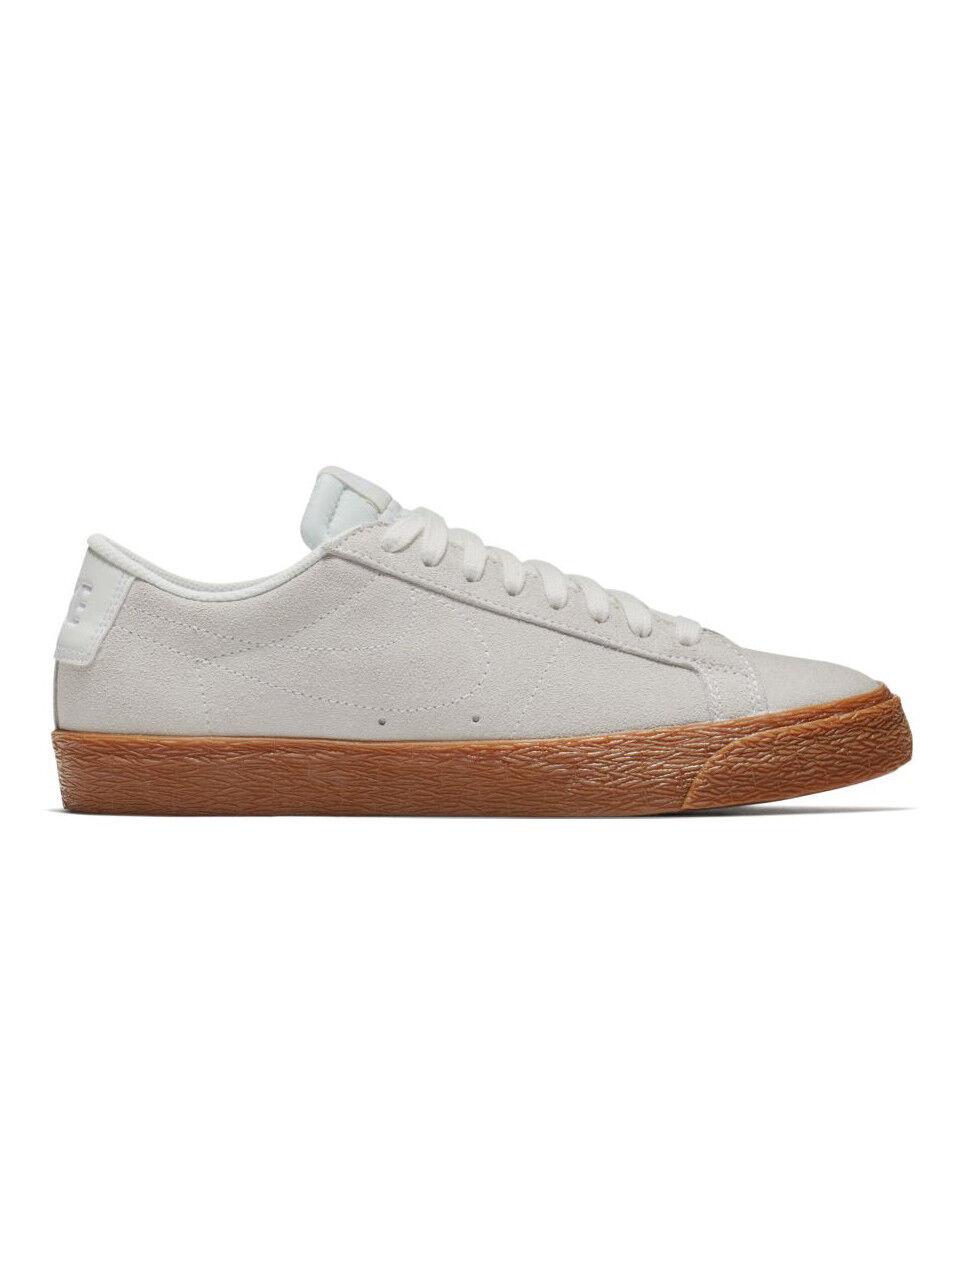 Nike SB - Blazer Low | Mens Skate Shoes - 864347-100 | White / Gum